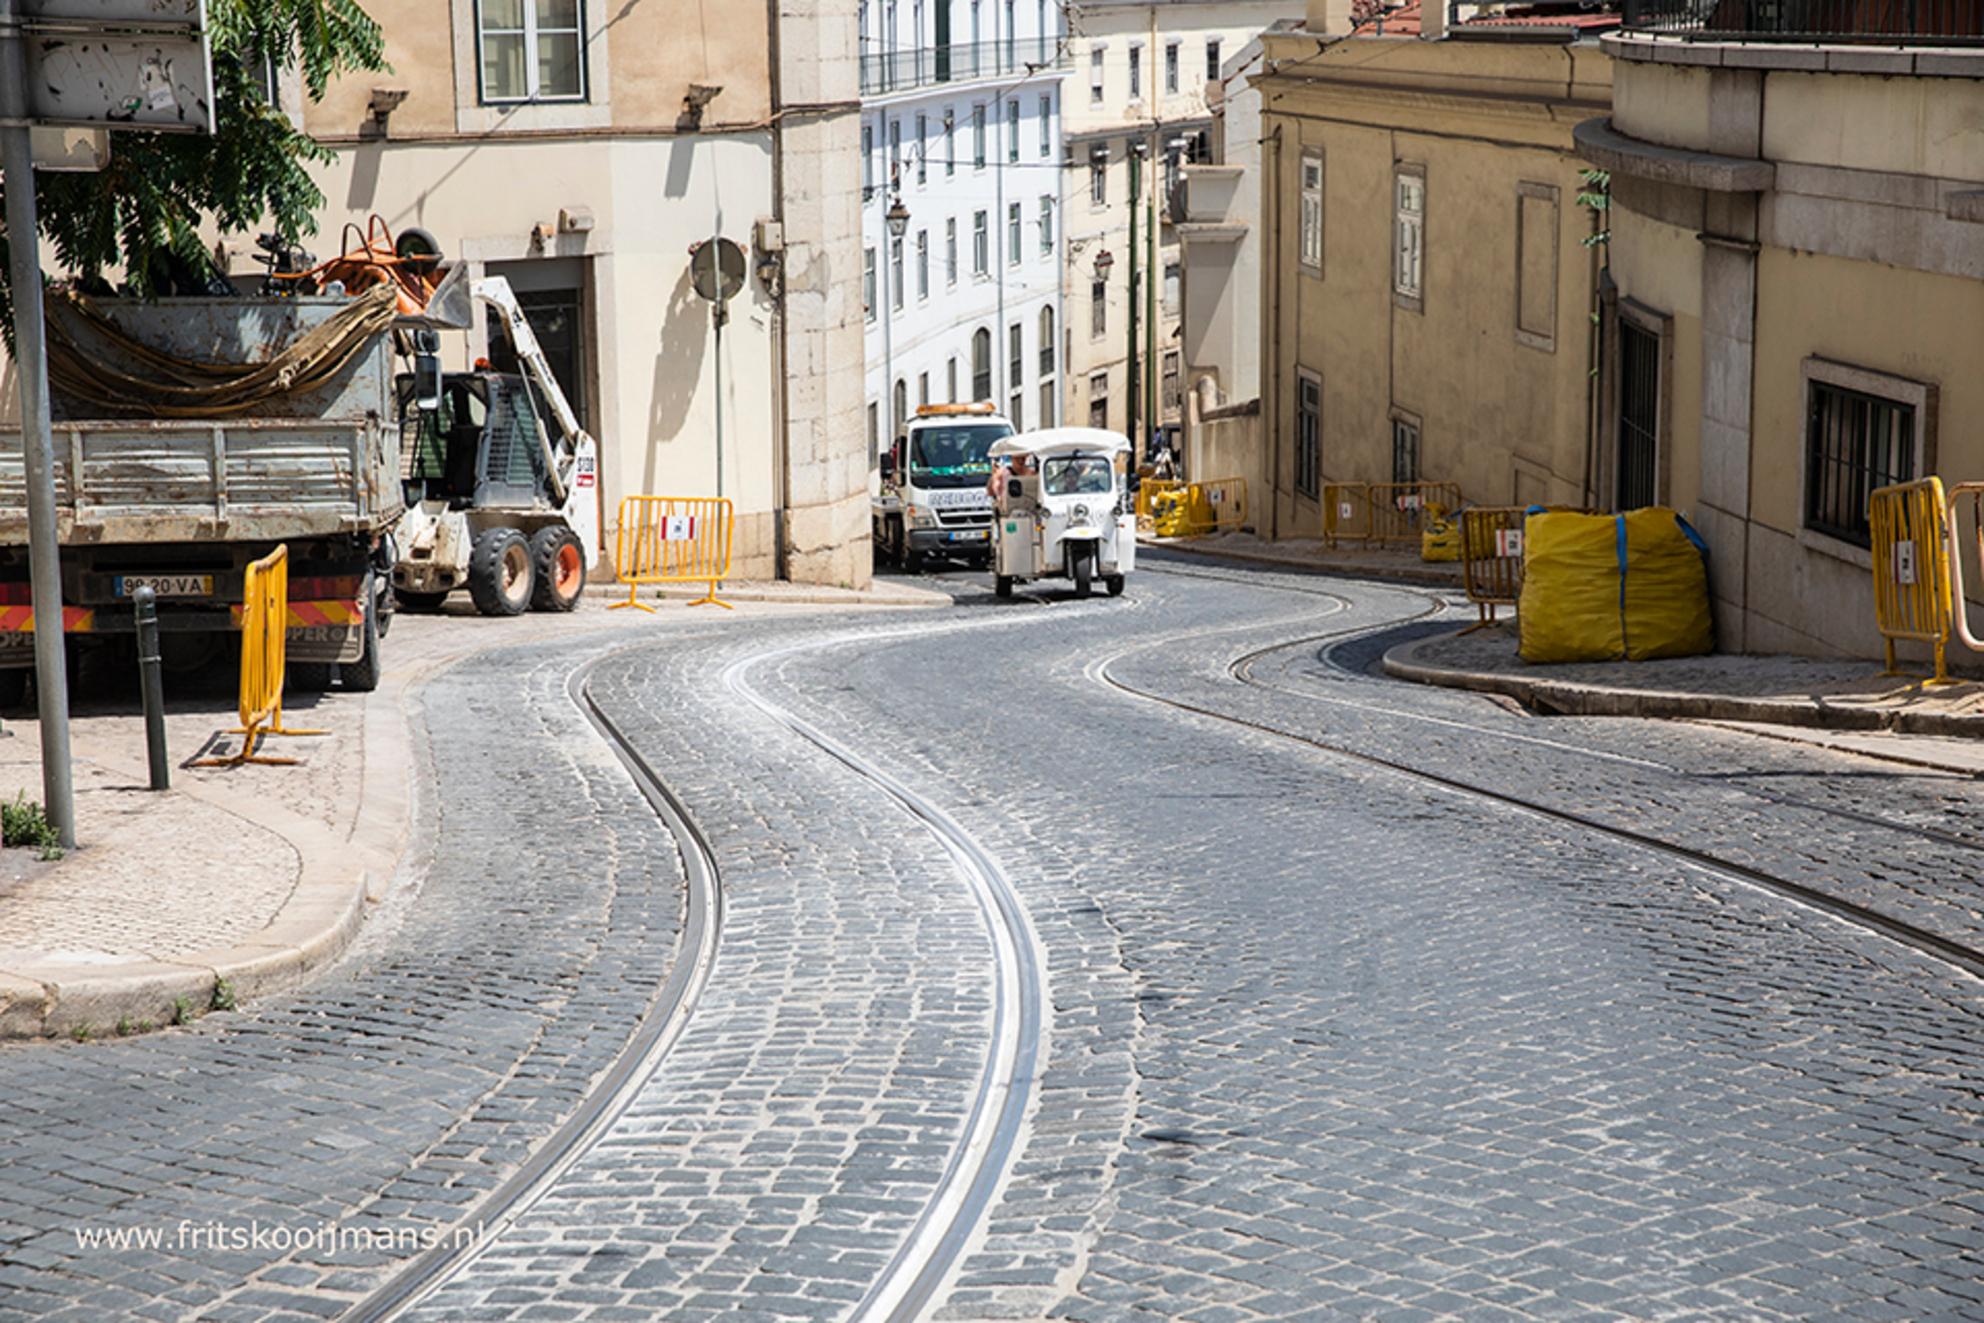 Tram slingerend door Lissabon - 0180620 1162 Tram slingerend door Lissabon - foto door fritskooijmans op 04-10-2018